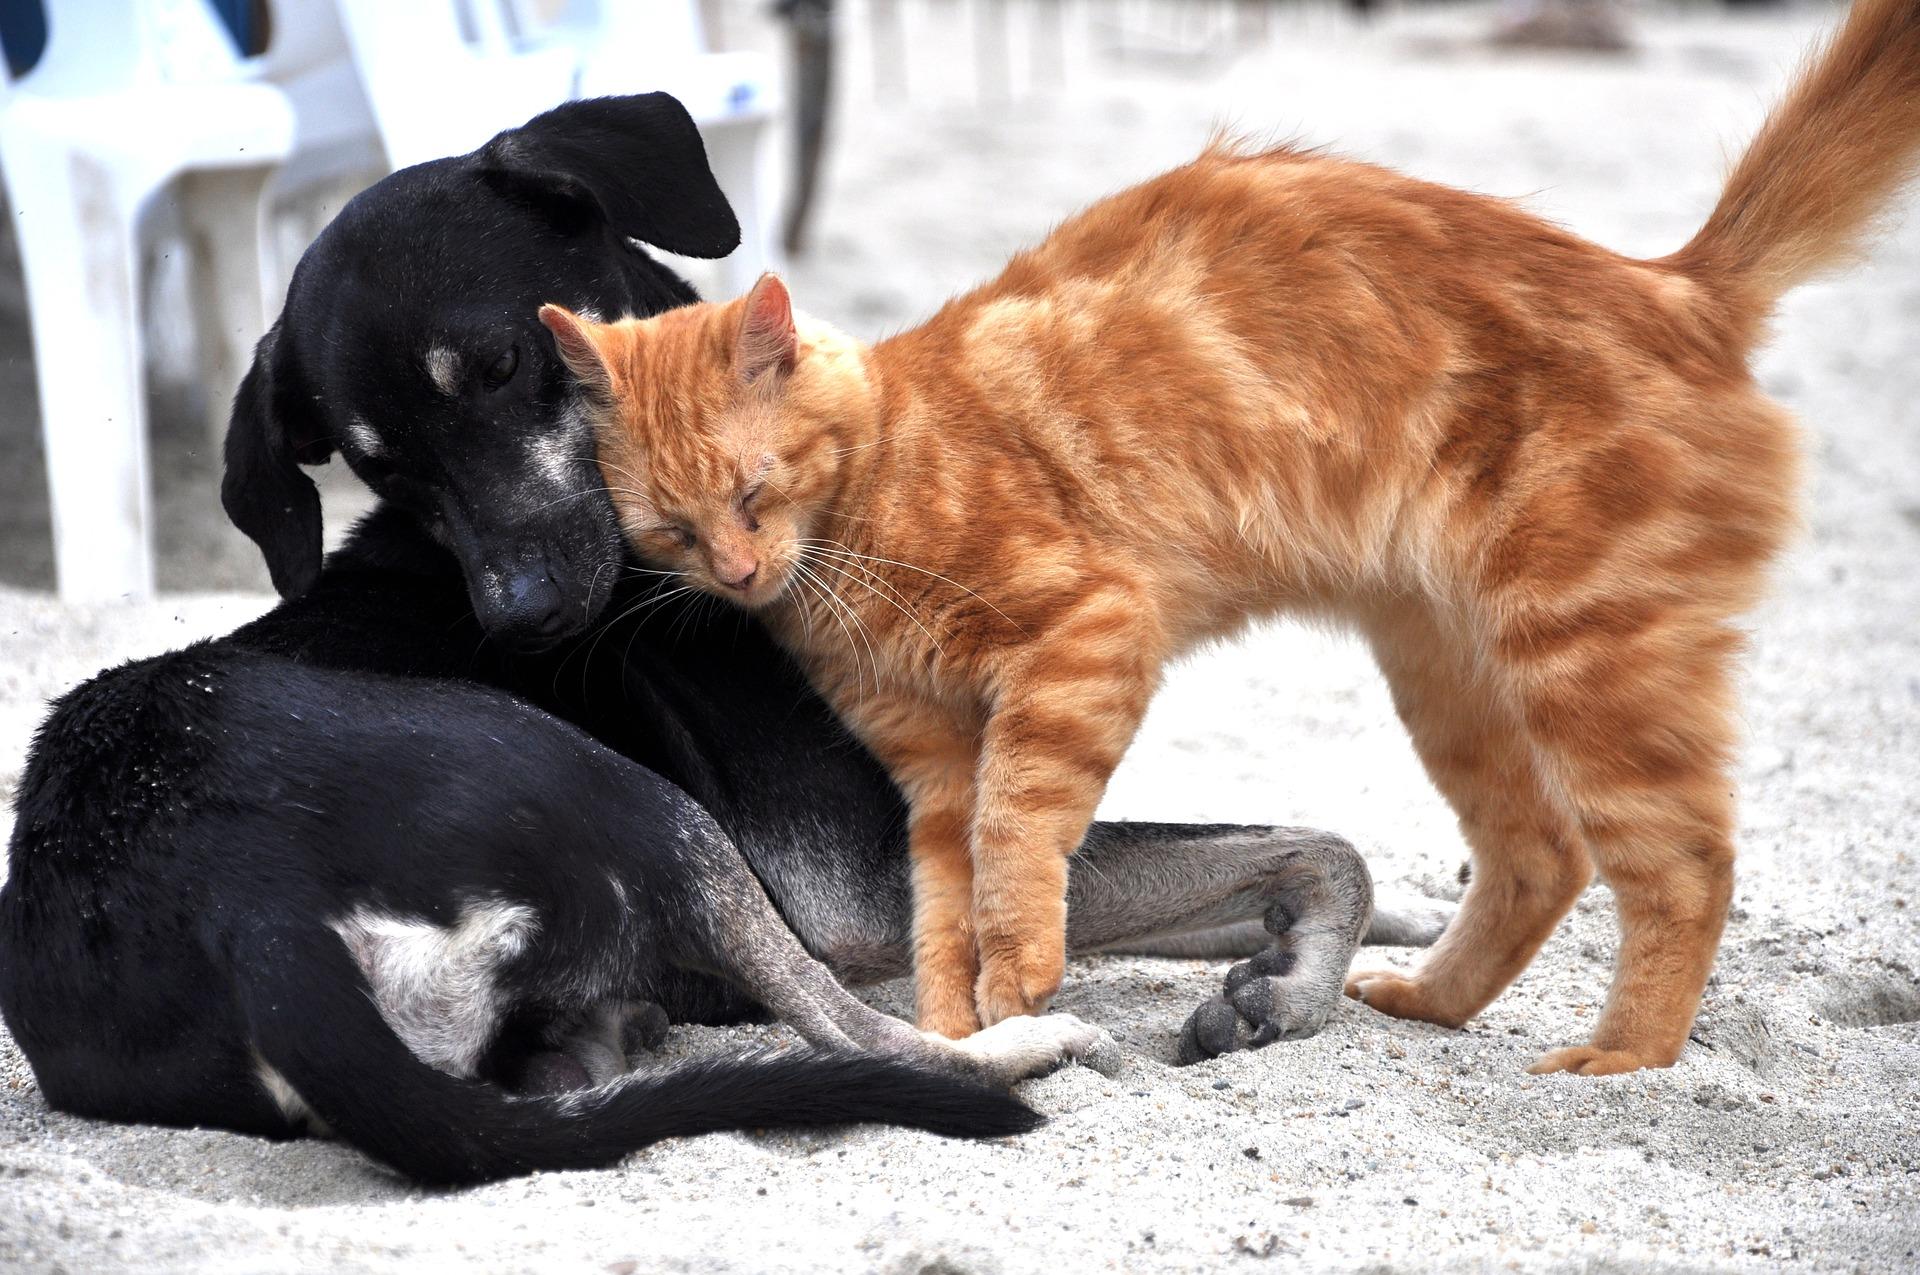 Potreba za psom ili mačkom ima duboko kozmičko značenje